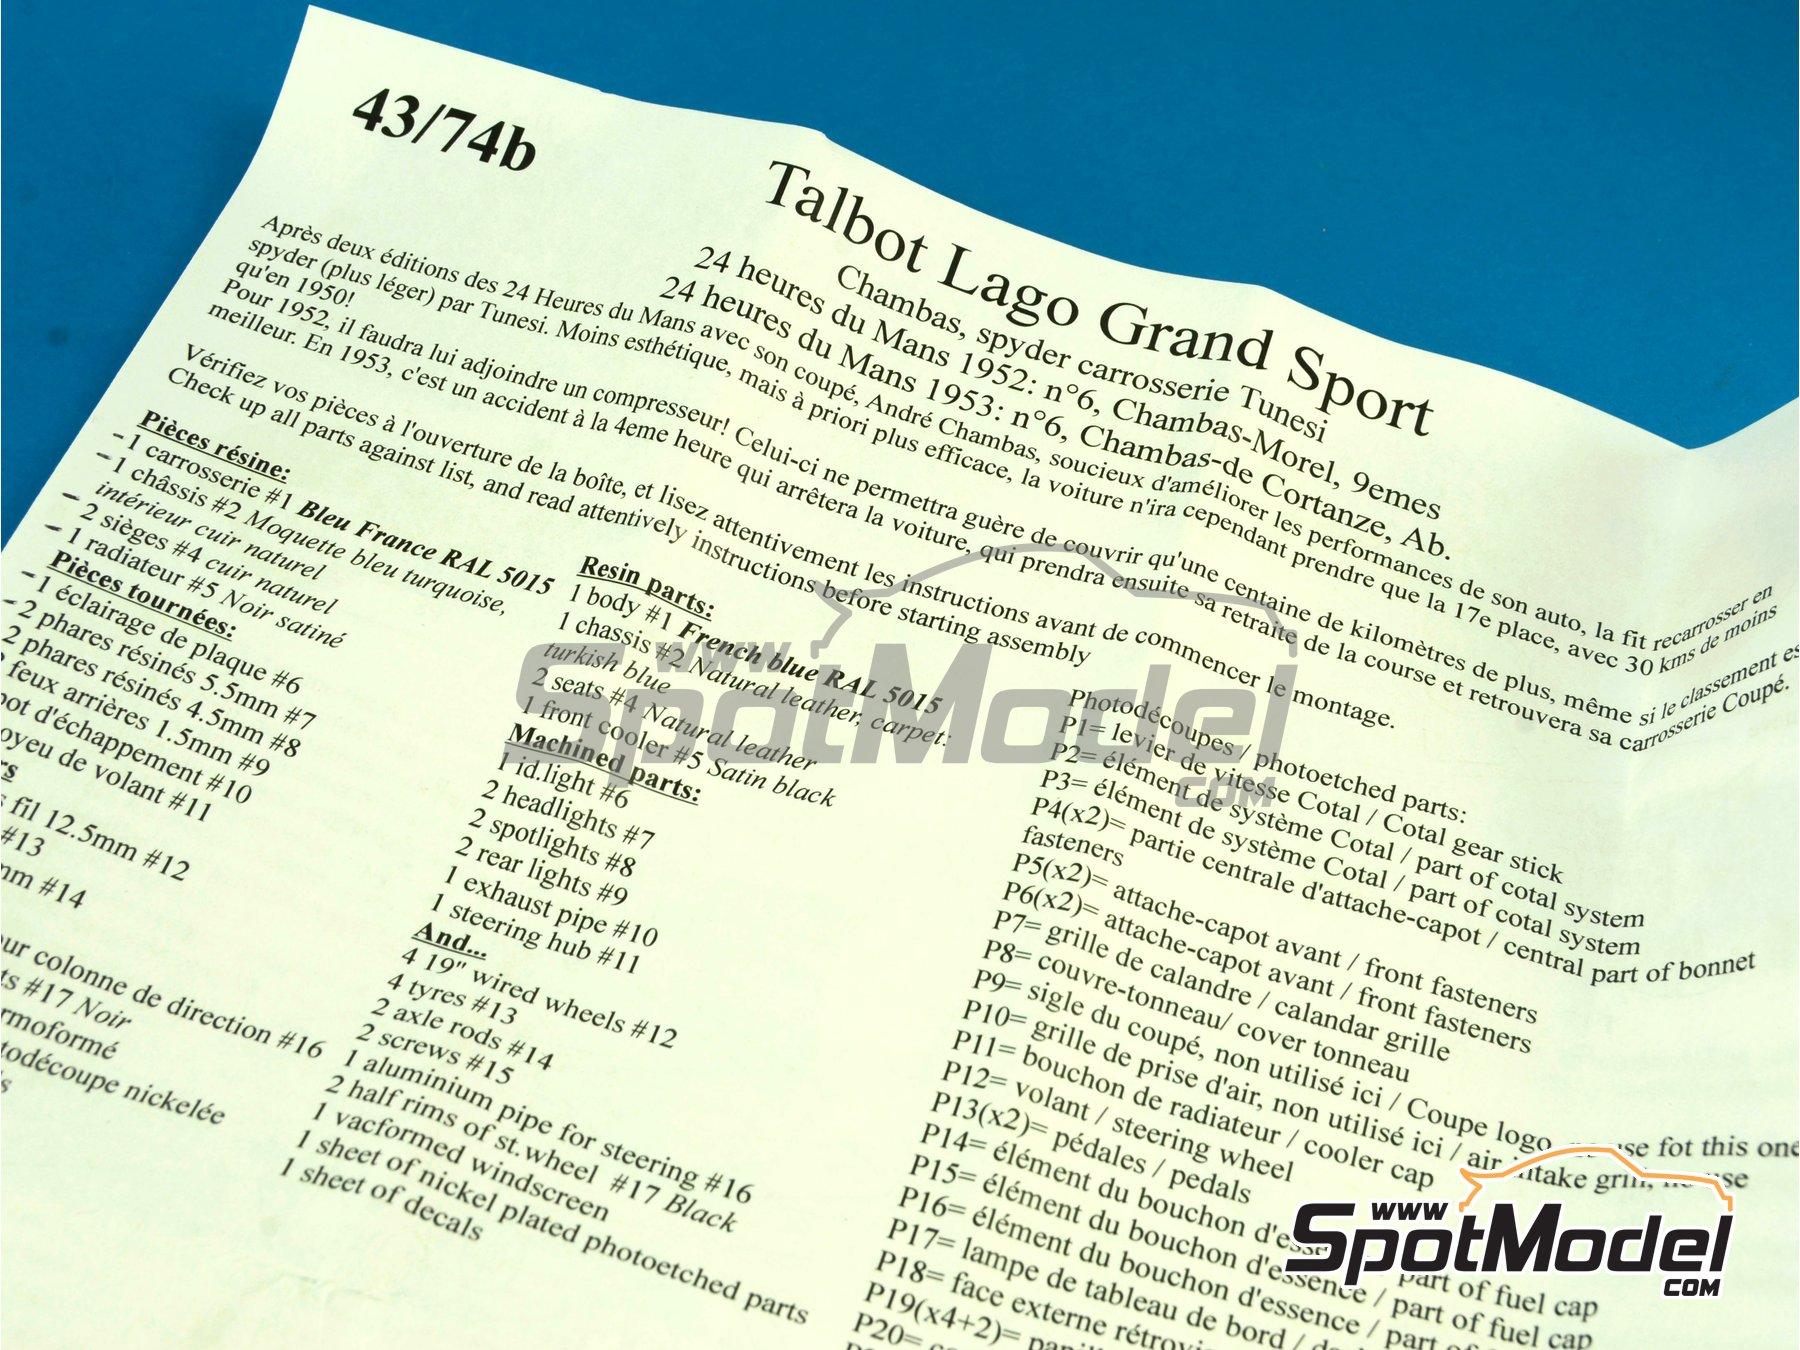 Image 13: Talbot Lago Grand Sport Spyder - 24 Horas de Le Mans 1952 y 1953 | Maqueta de coche en escala1/43 fabricado por Renaissance Models (ref.43-74B, tambien 43/74B)